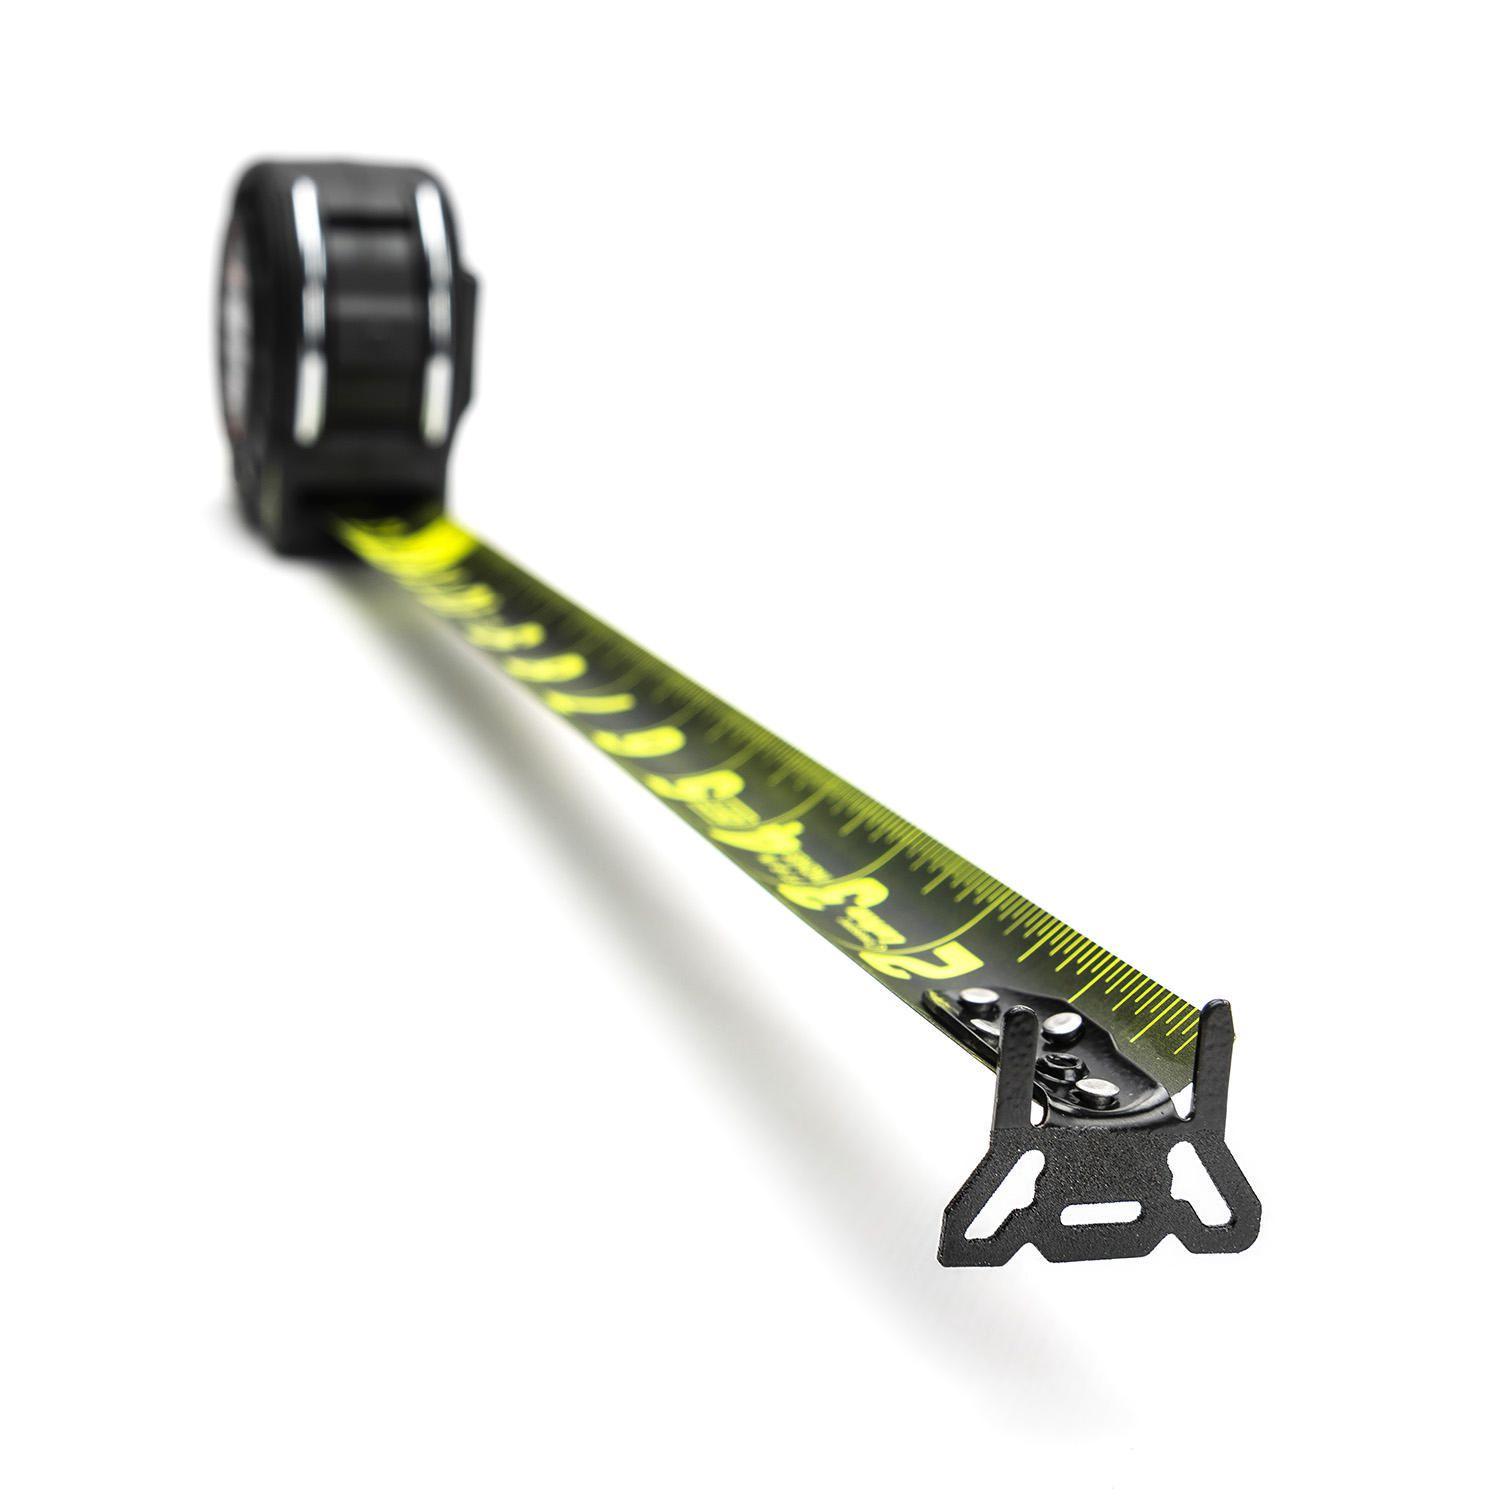 Der Arm der Pry Bar Brecheisen lässt sich flexibel verlängern oder verkürzen.